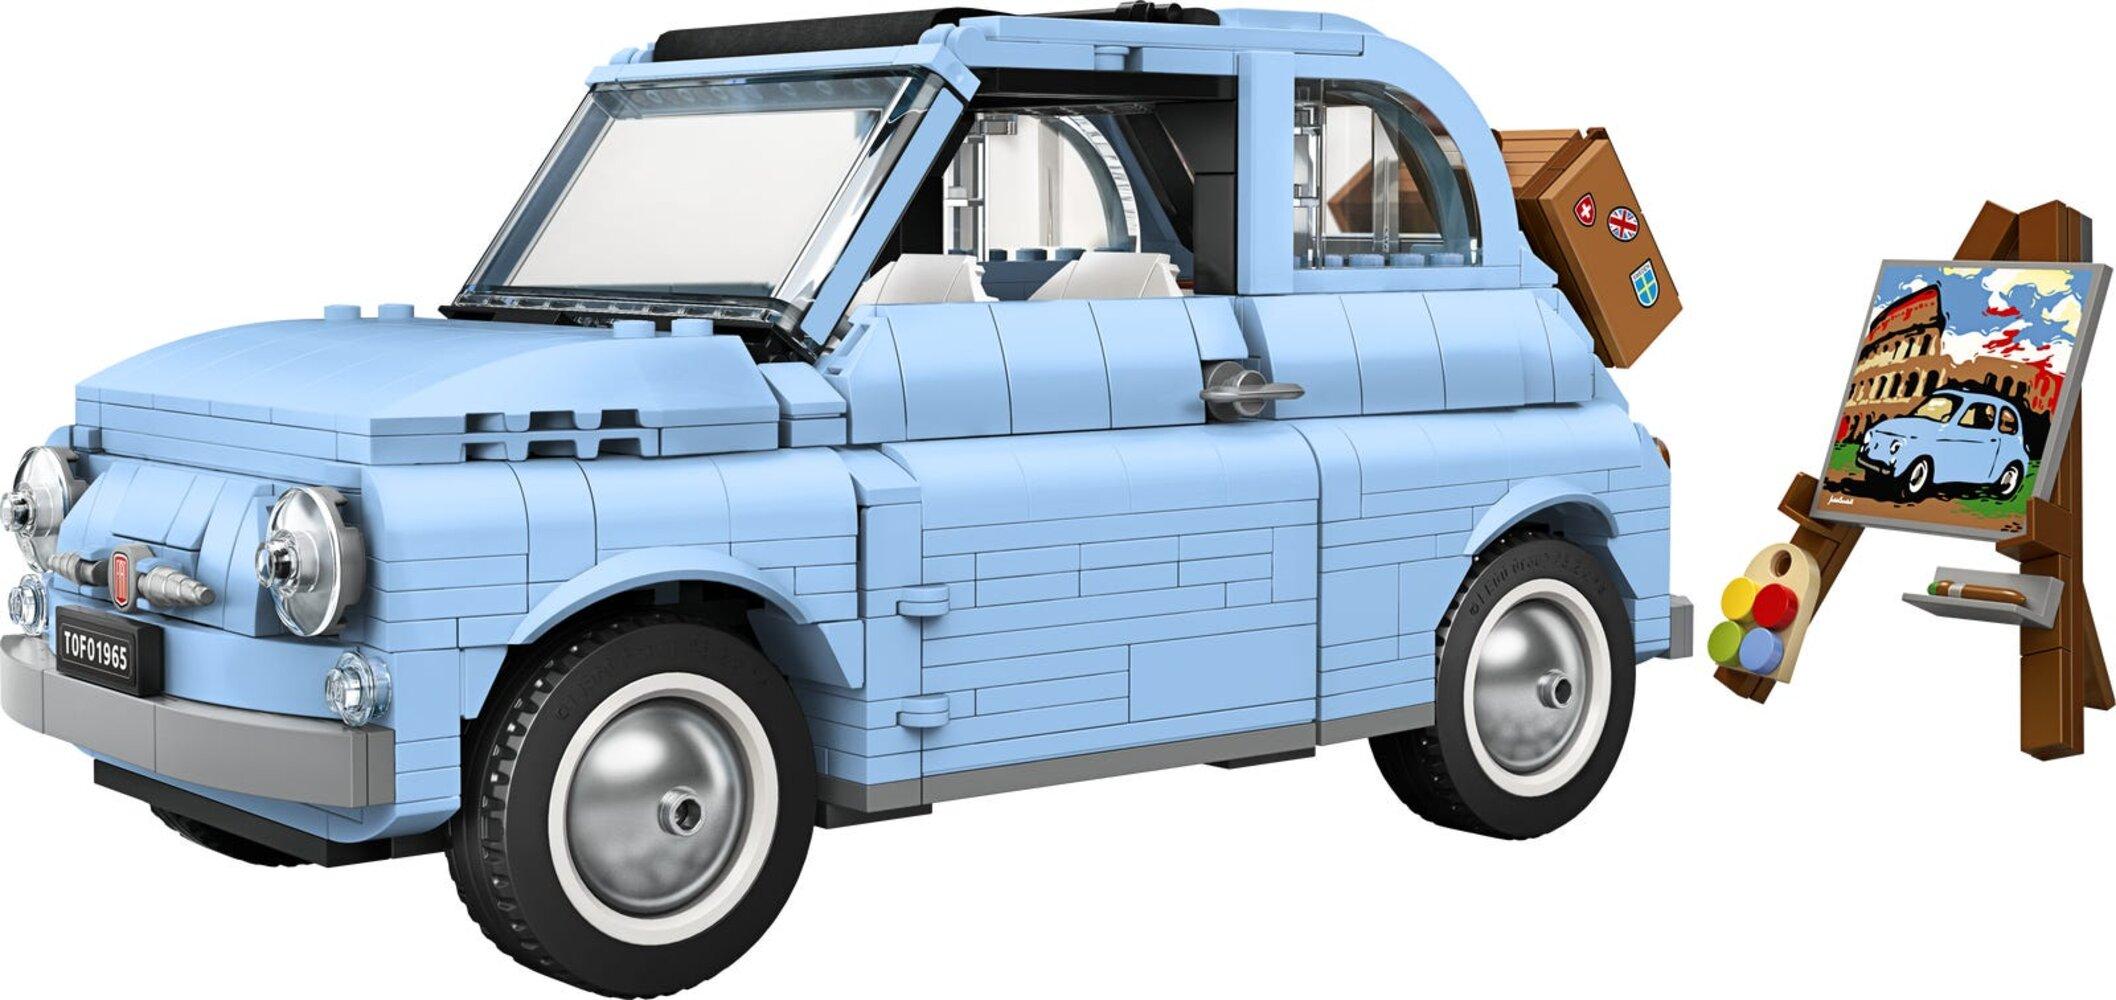 Fiat 500 - Bright Light Blue Version